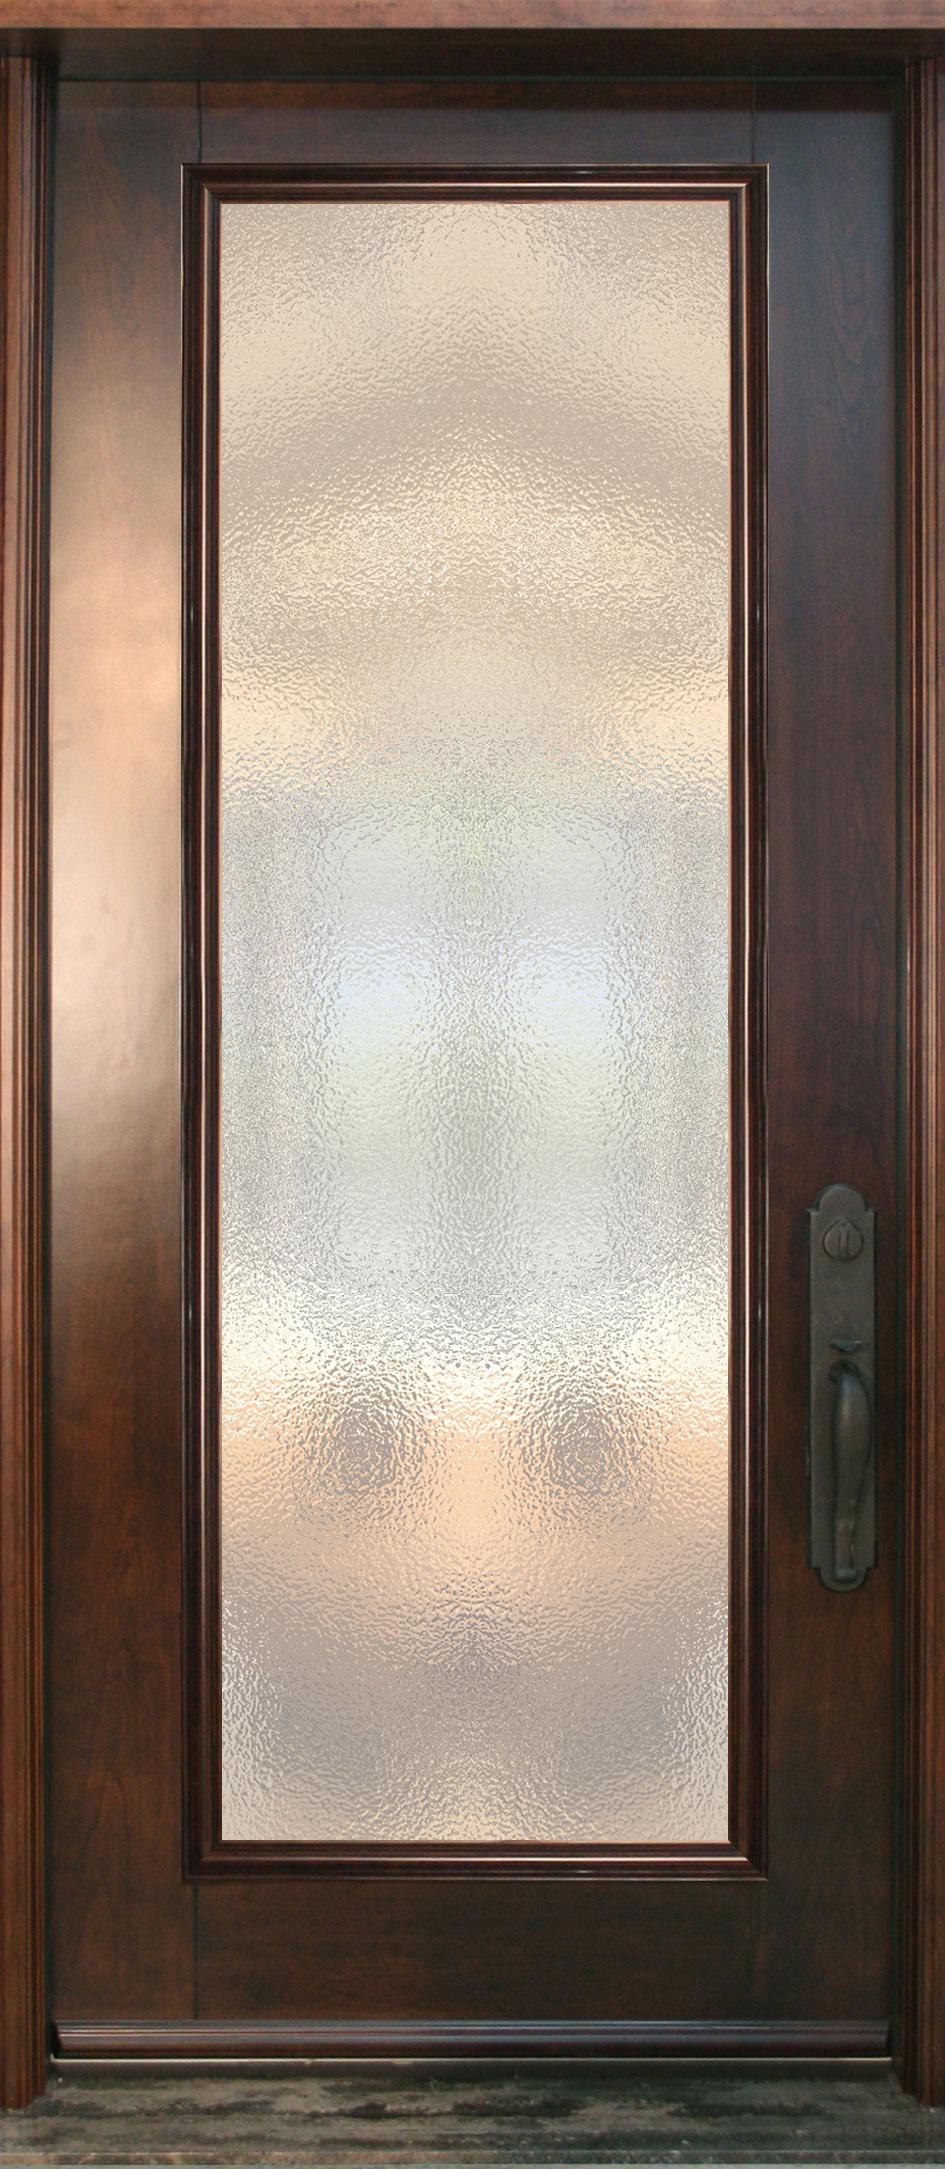 Pa60 porte acier bois unit vitr e cerisier for Fabricant porte et fenetre quebec